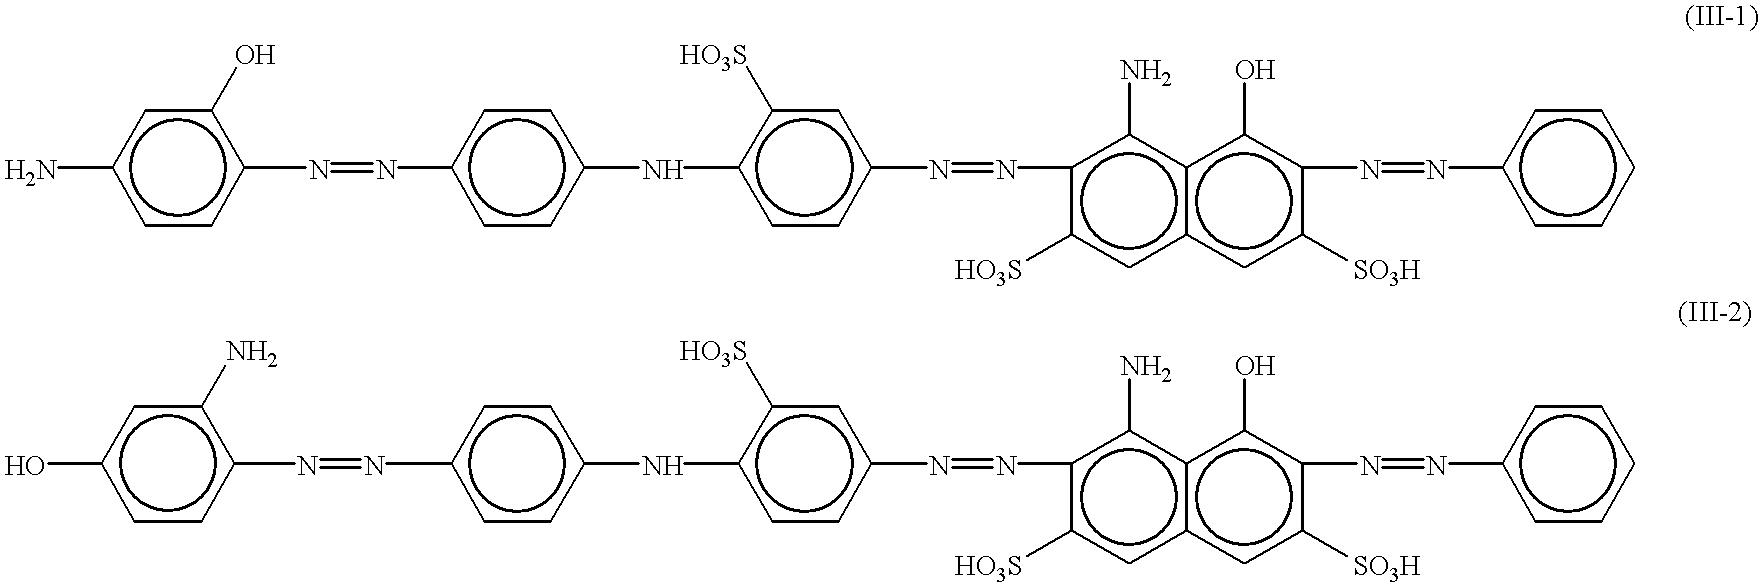 Figure US06231652-20010515-C00007